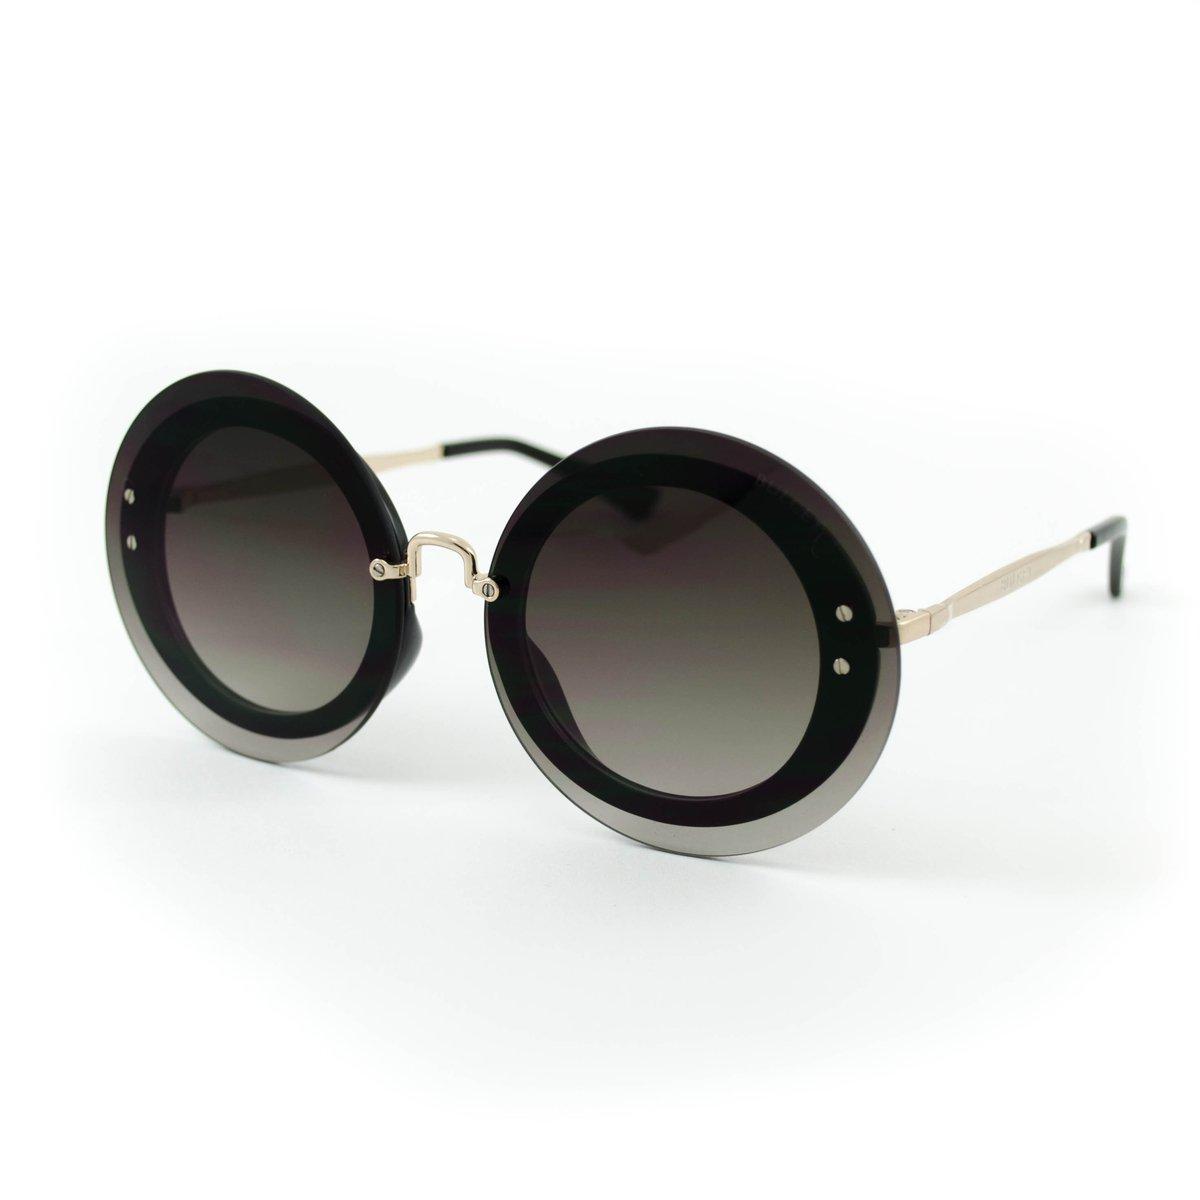 b56a44568 Óculos de Sol Bulget - Compre Agora | Zattini